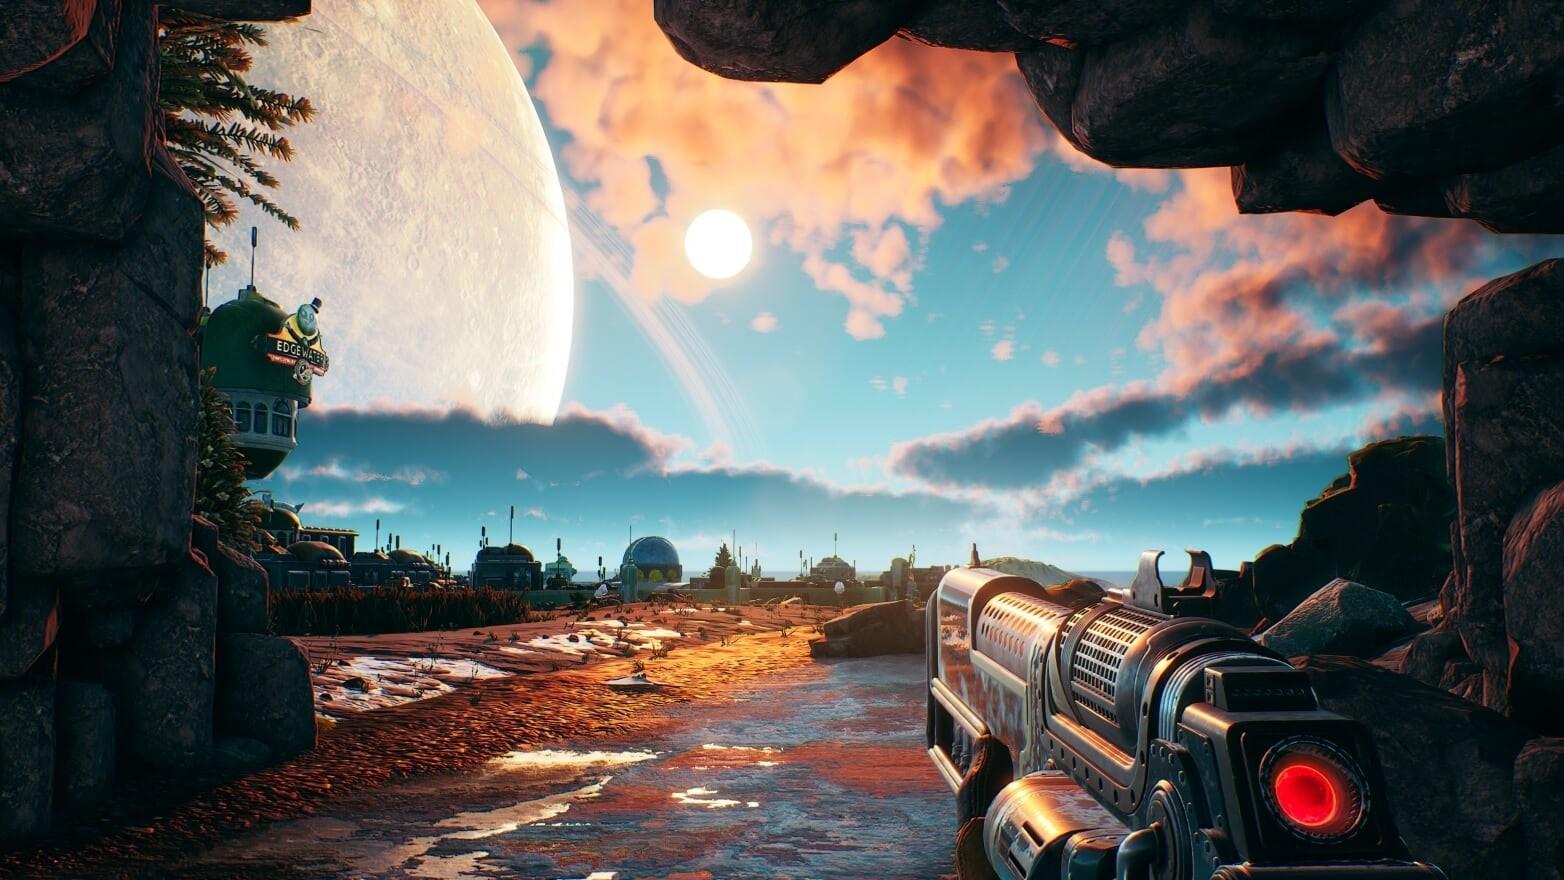 Стало известно релизное окно второго сюжетного DLC для The Outer Worlds 2